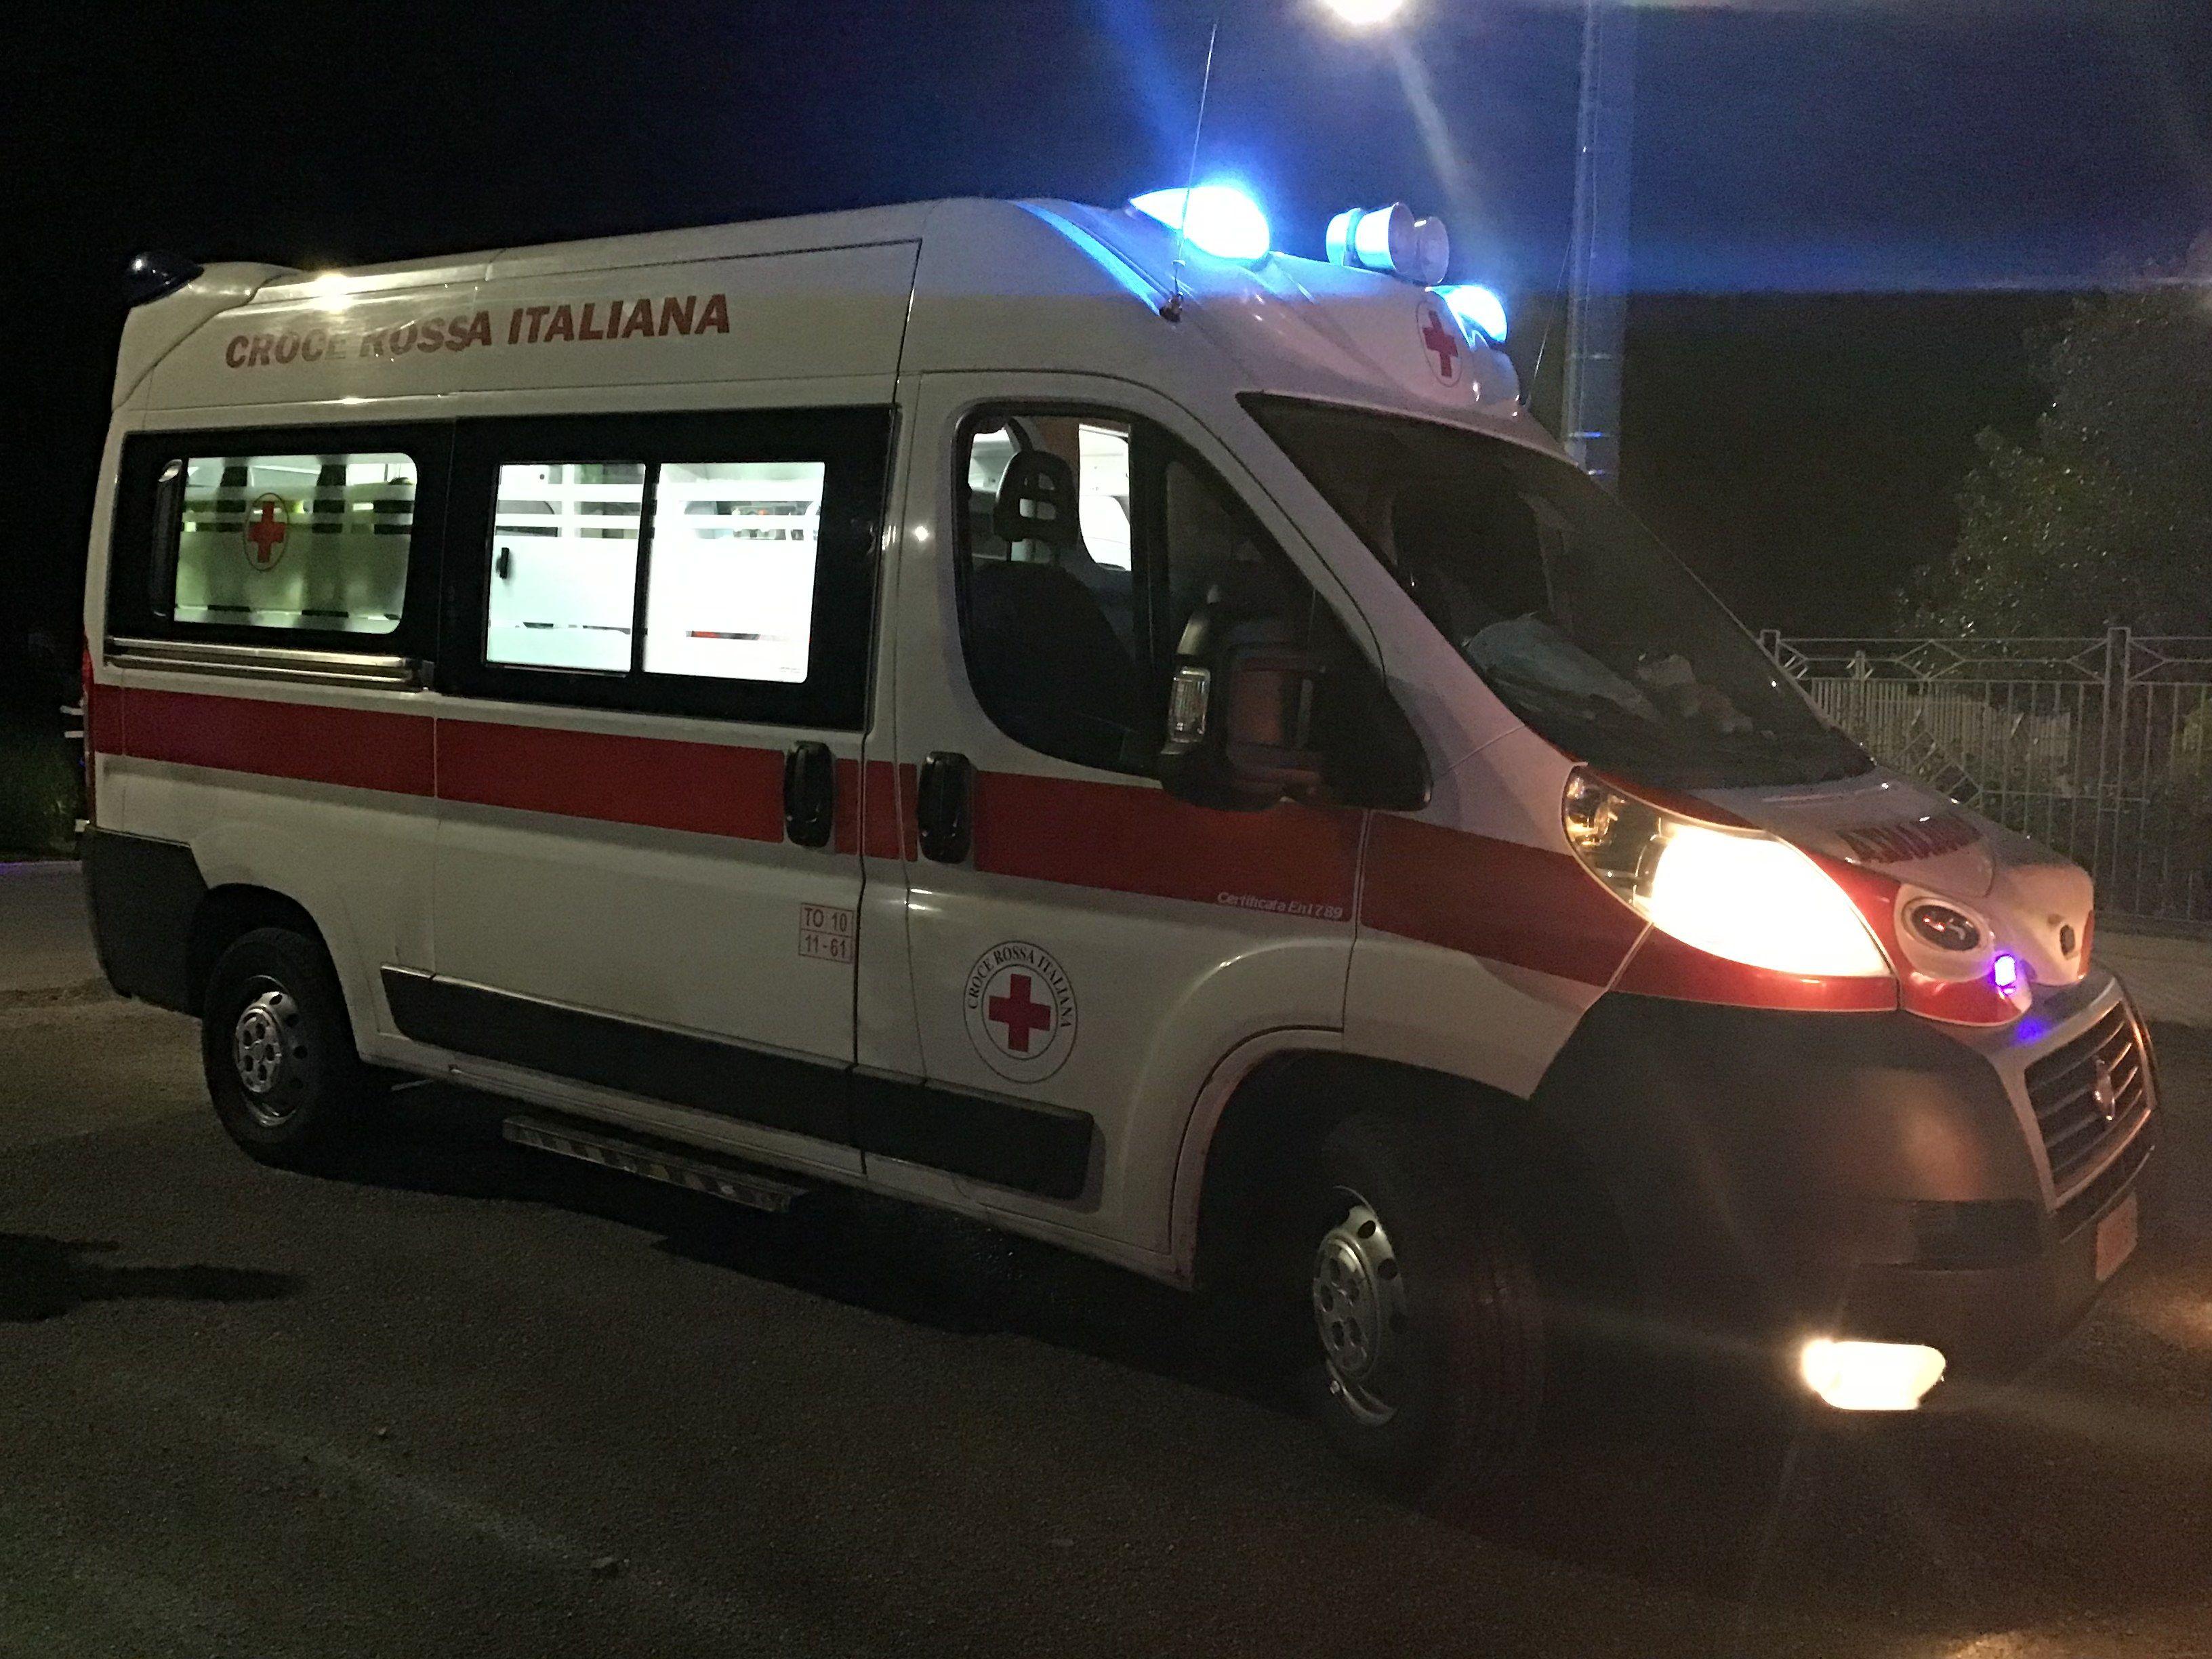 IVREA - Assegnazione del bando poco trasparente: la Croce Rossa vince il ricorso al Tar Piemonte per i servizi del 118